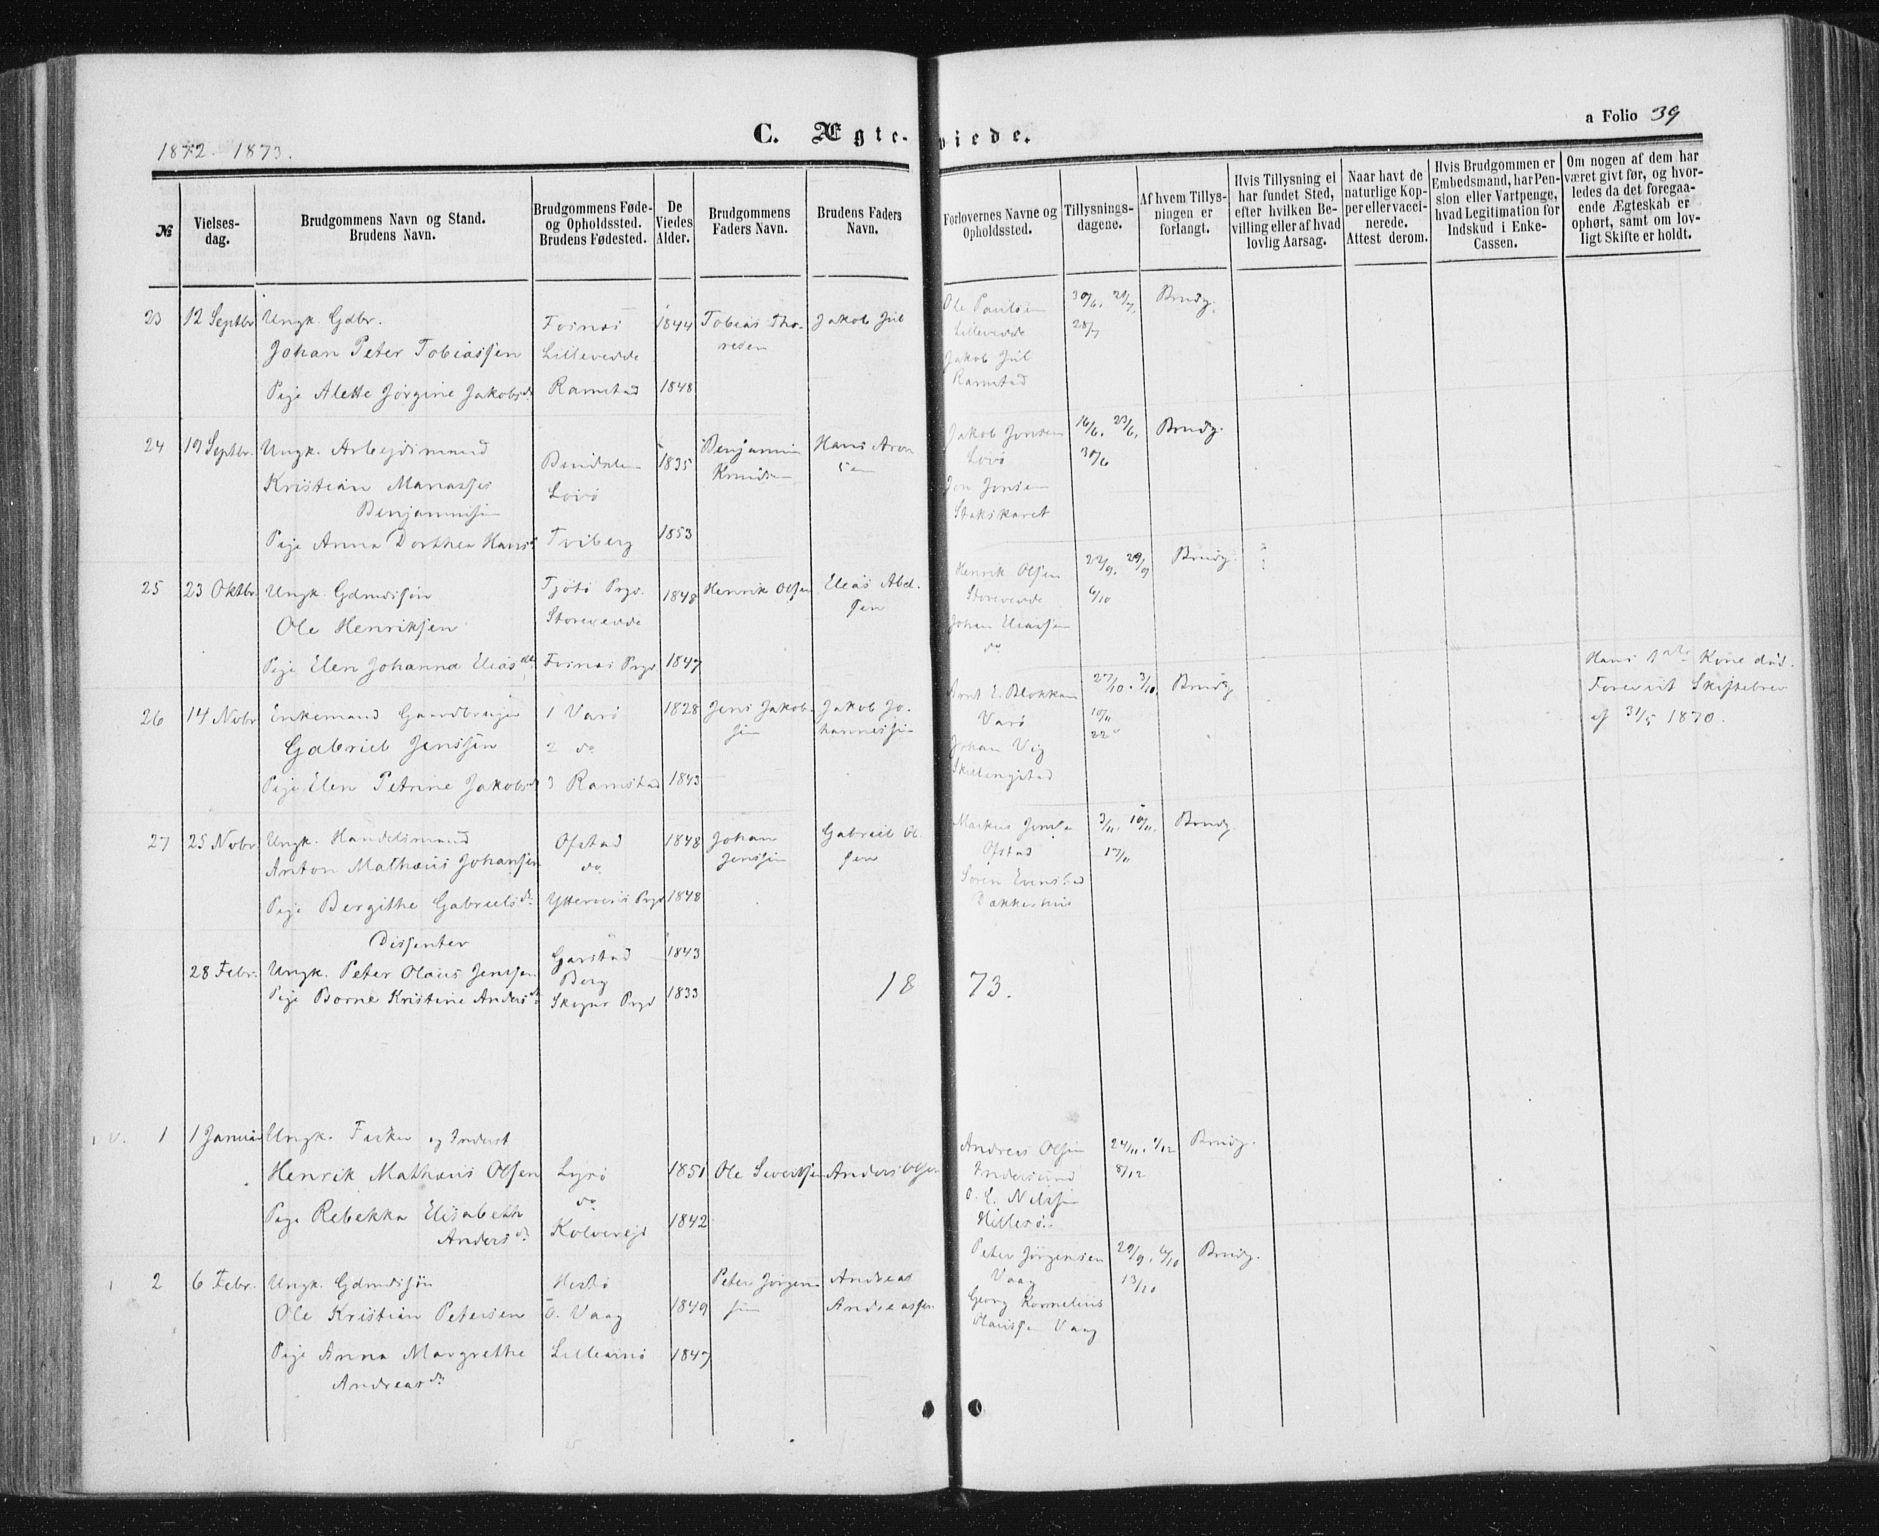 SAT, Ministerialprotokoller, klokkerbøker og fødselsregistre - Nord-Trøndelag, 784/L0670: Ministerialbok nr. 784A05, 1860-1876, s. 39